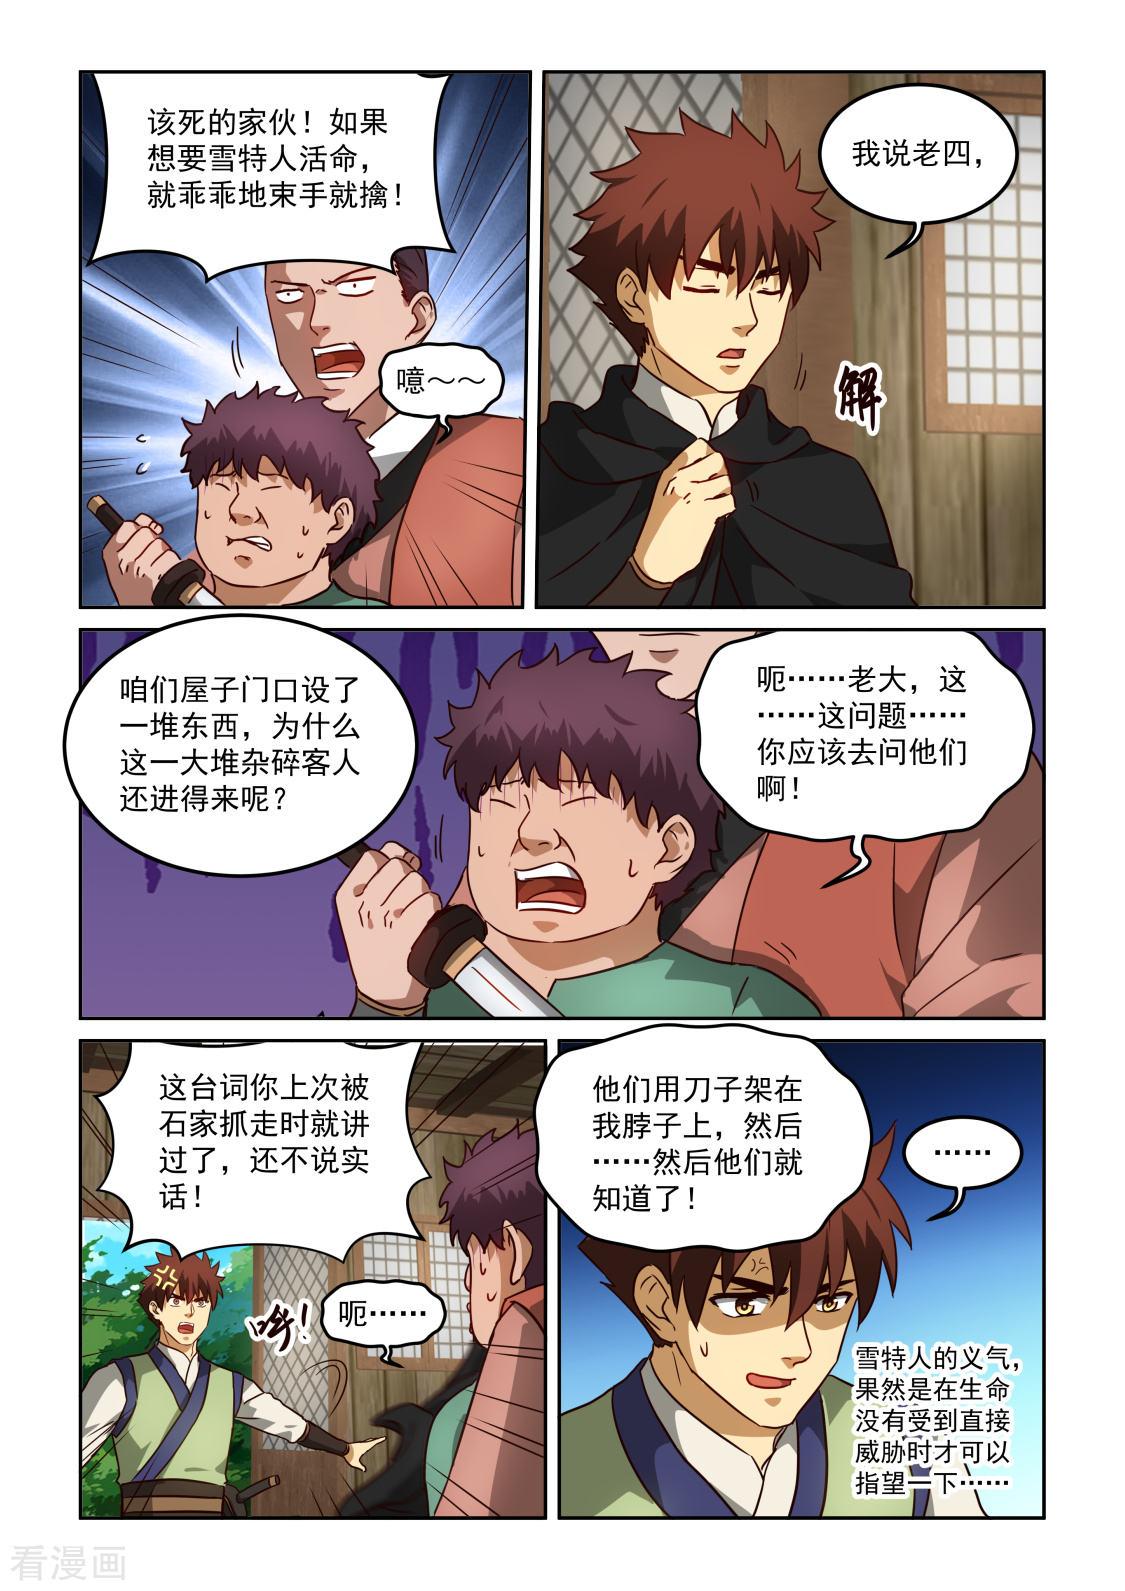 風姿物語: 3季37话 藏匿点危机 - 第10页